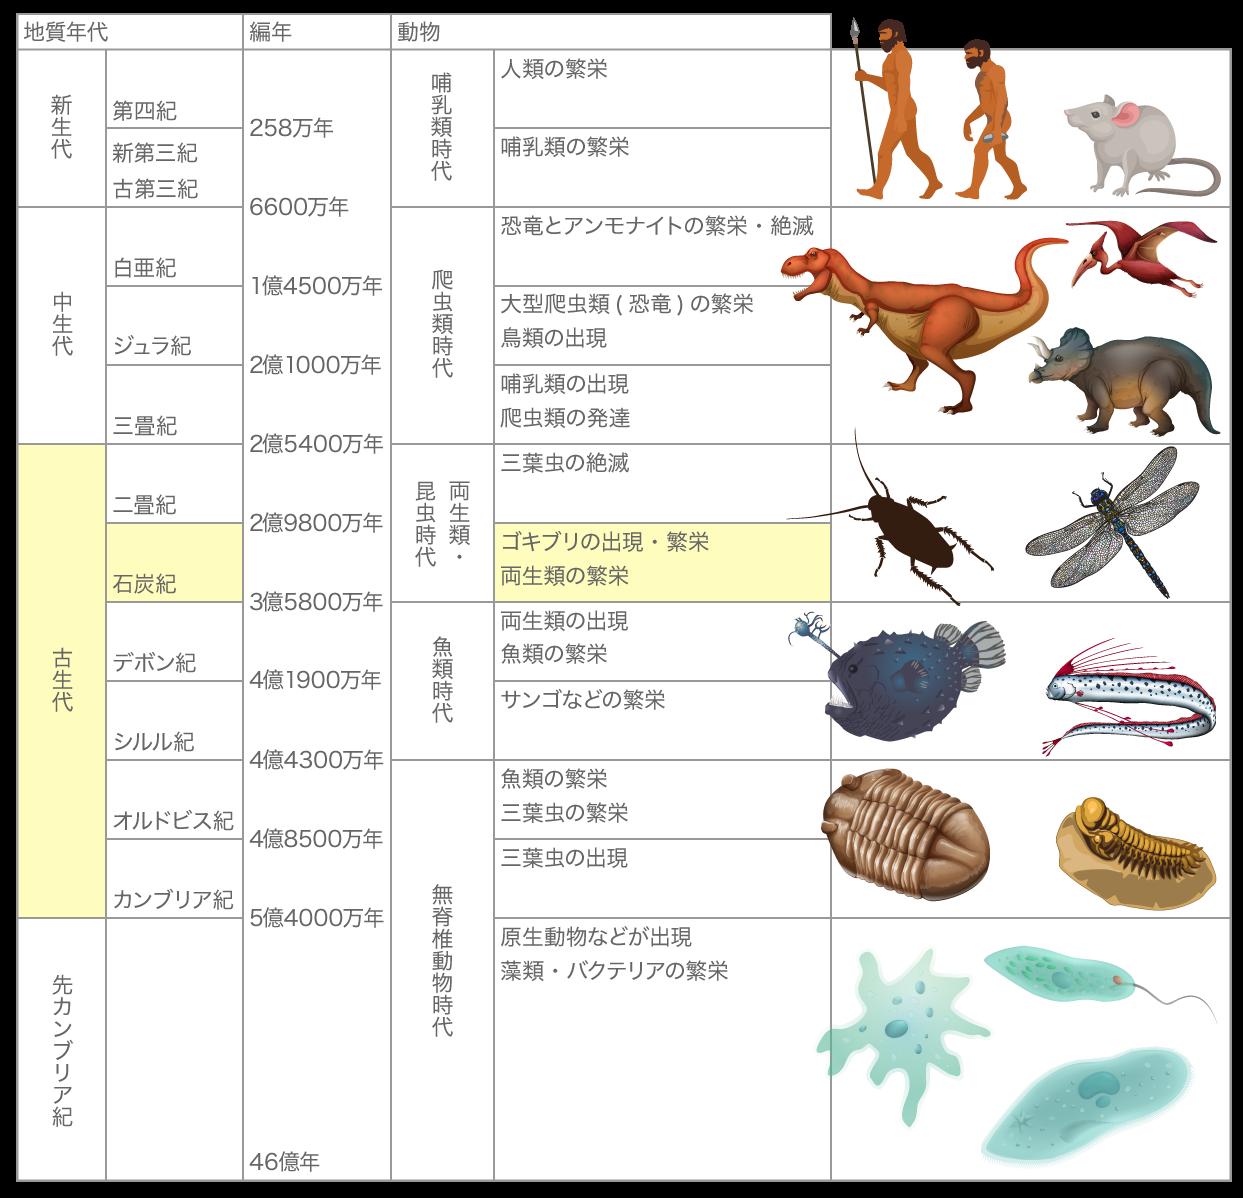 46億年前から258万年前までの生物年表